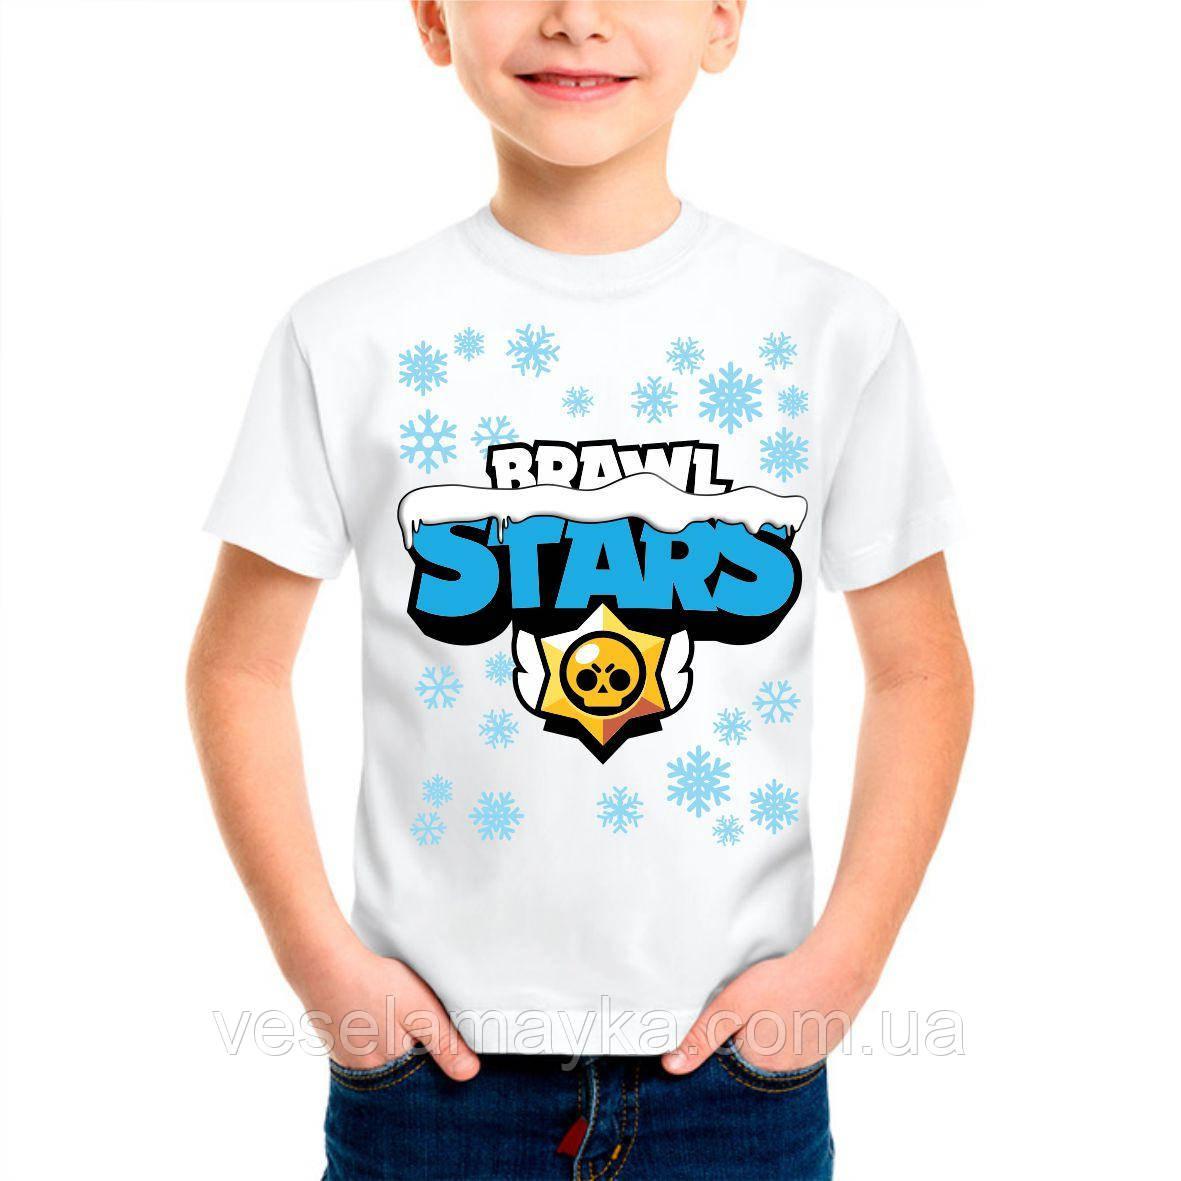 Детская футболка BS (Новогодний)